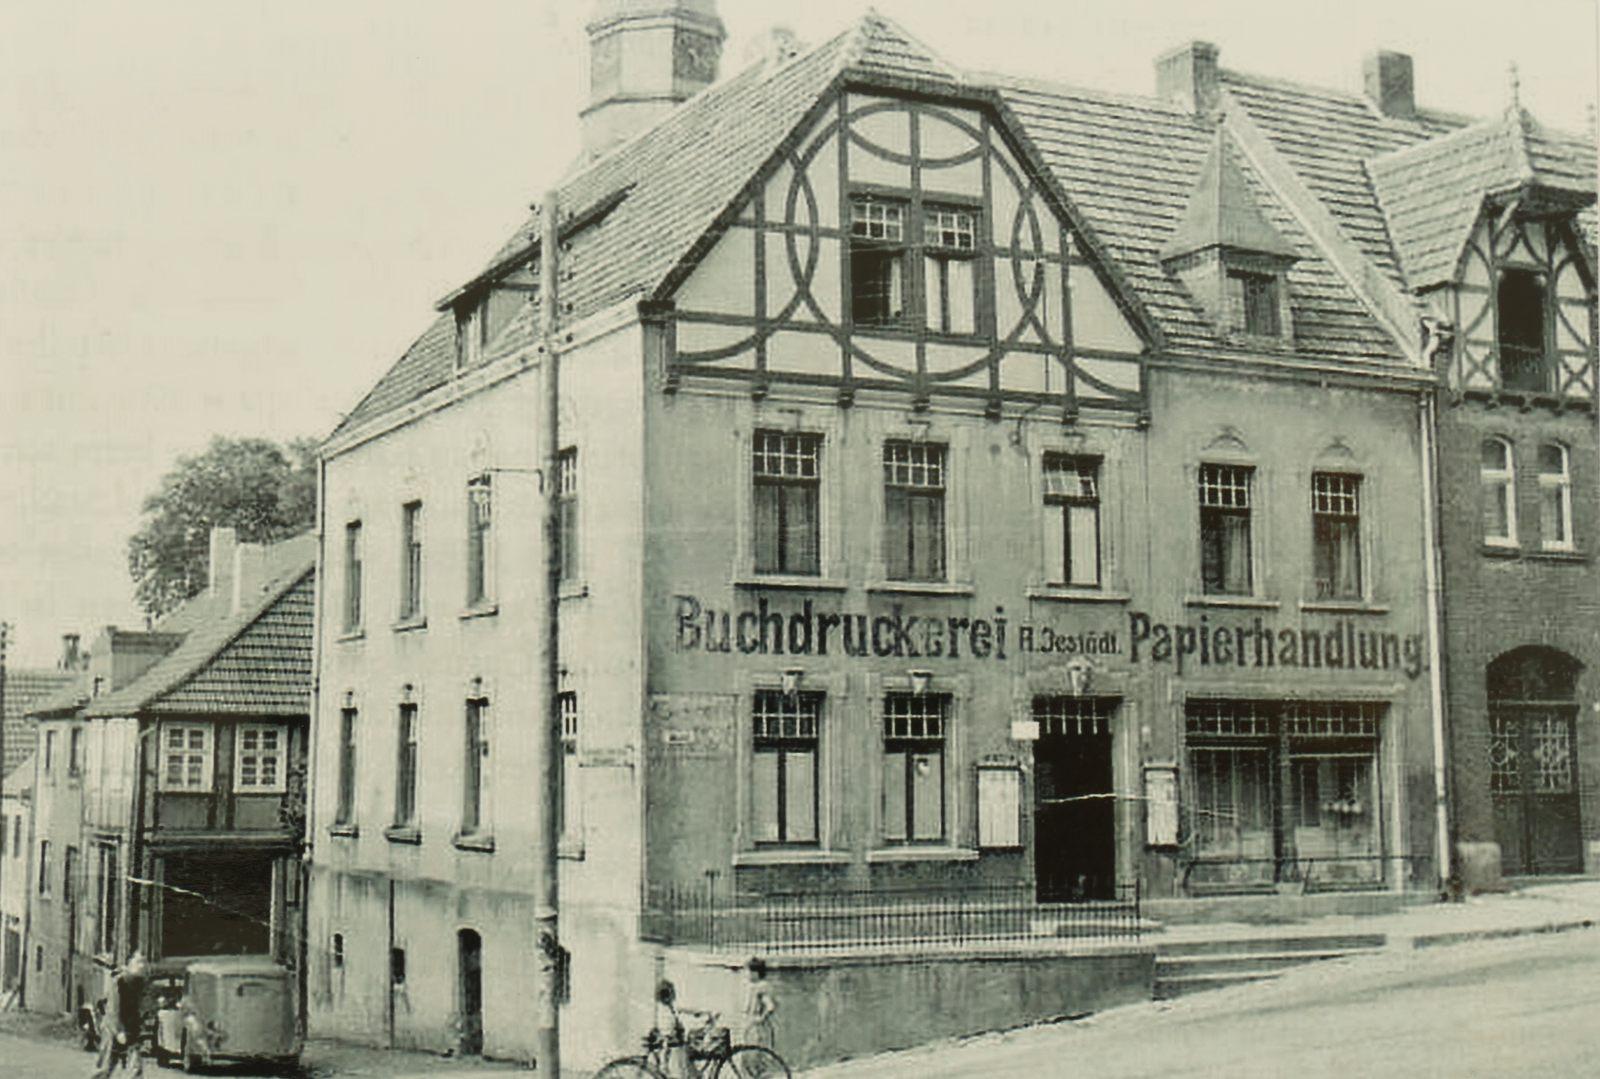 Buchdruckerei und Papierhandlung Jestädt in den 1940ern